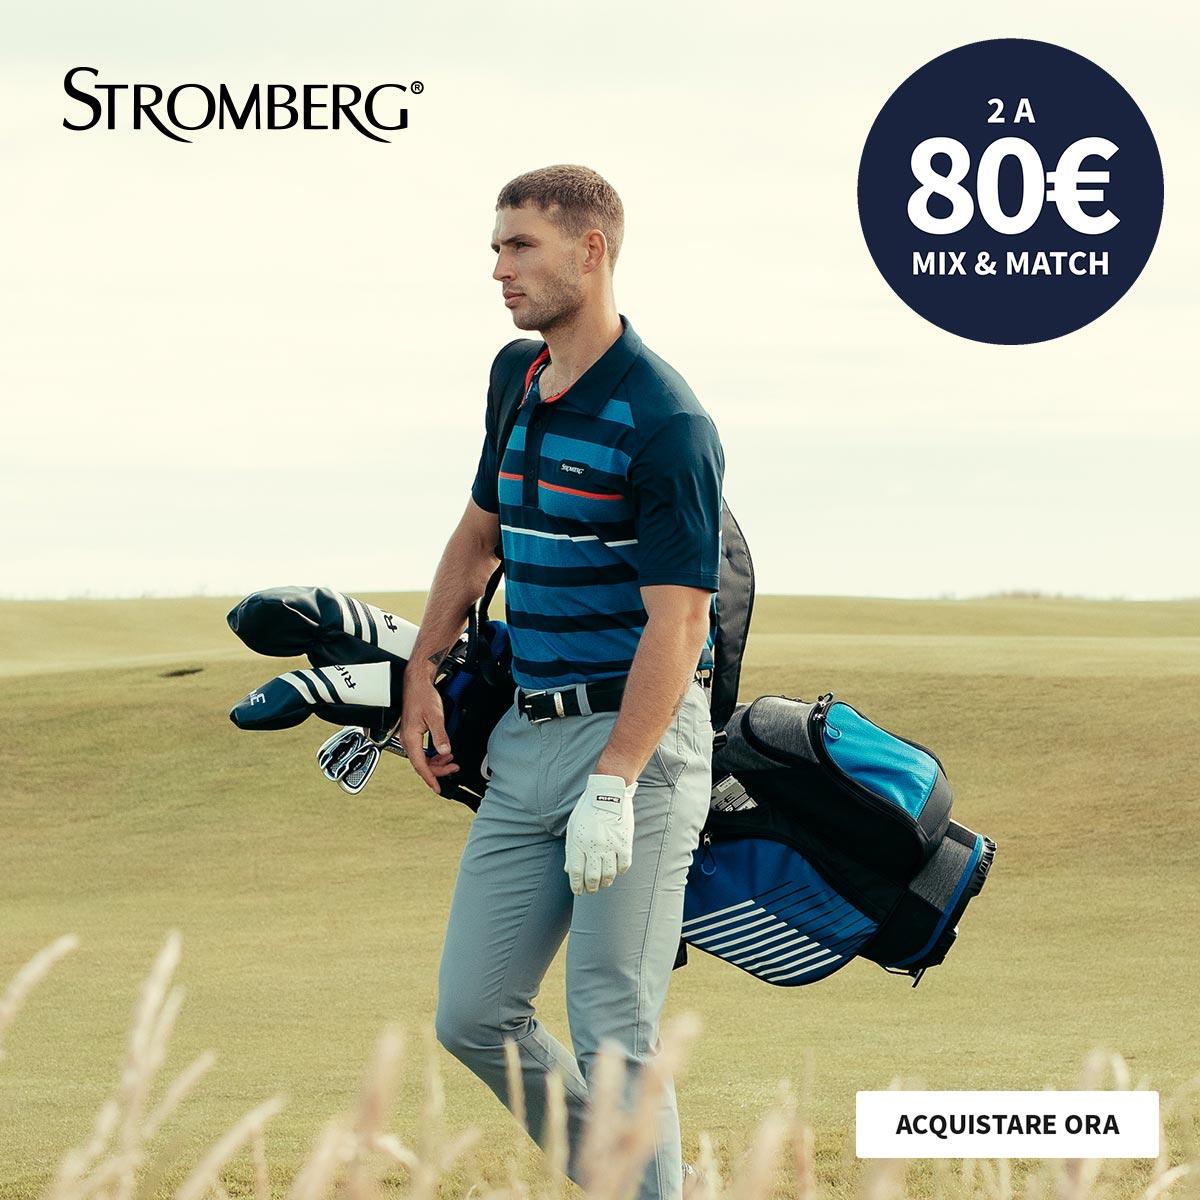 STROMBERG 2 FOR 80